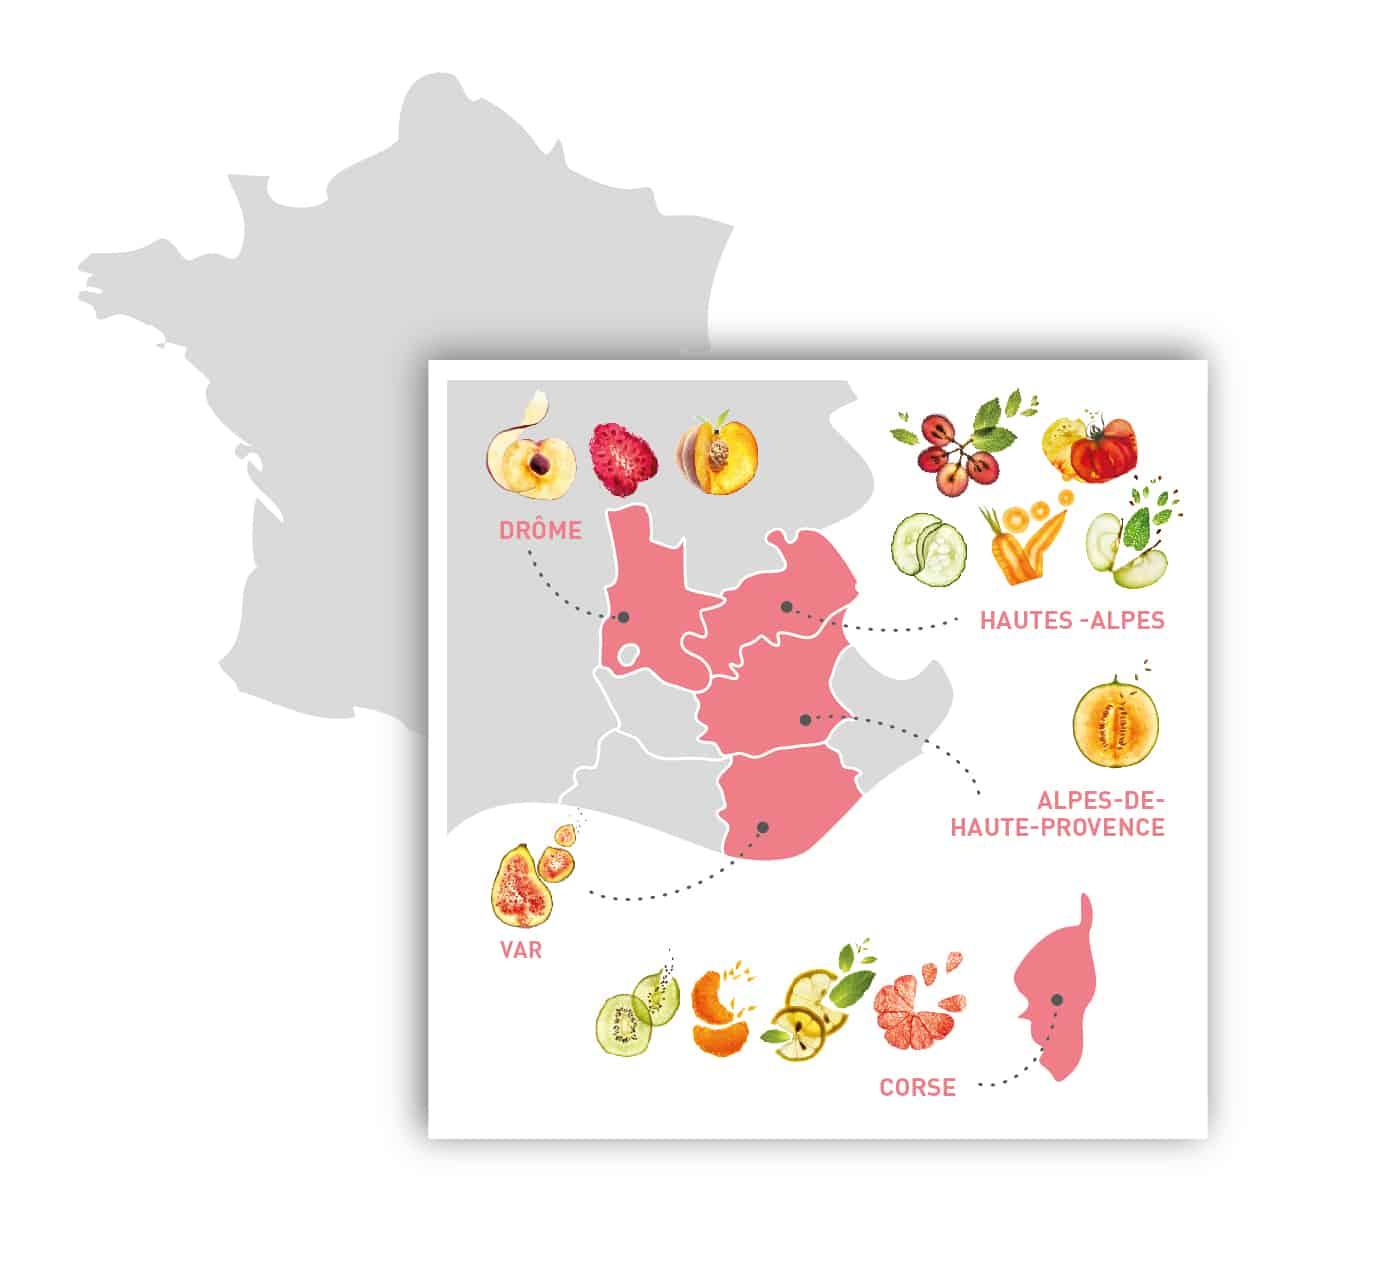 cosmétiques bio fabriqués dans le sud de la France